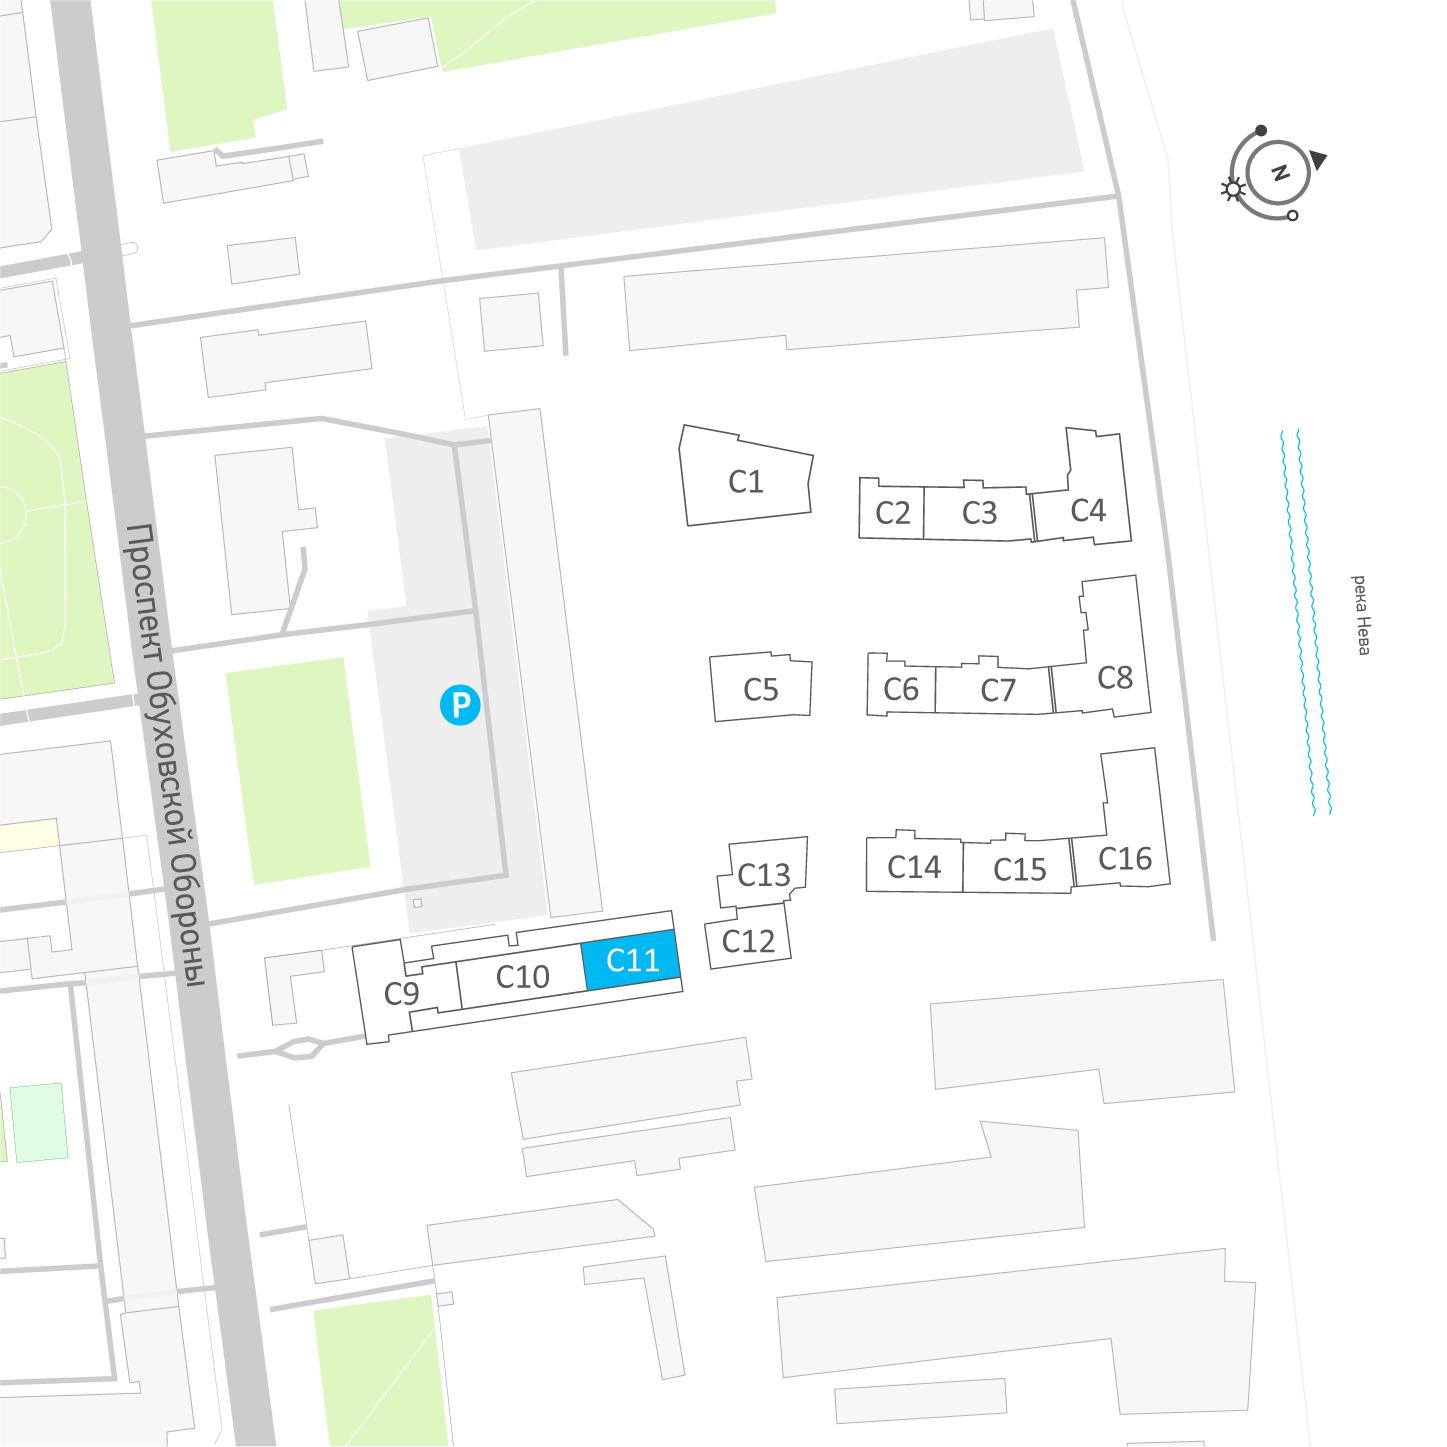 планировка квартиры студии в ЖК «Эталон на Неве» №204